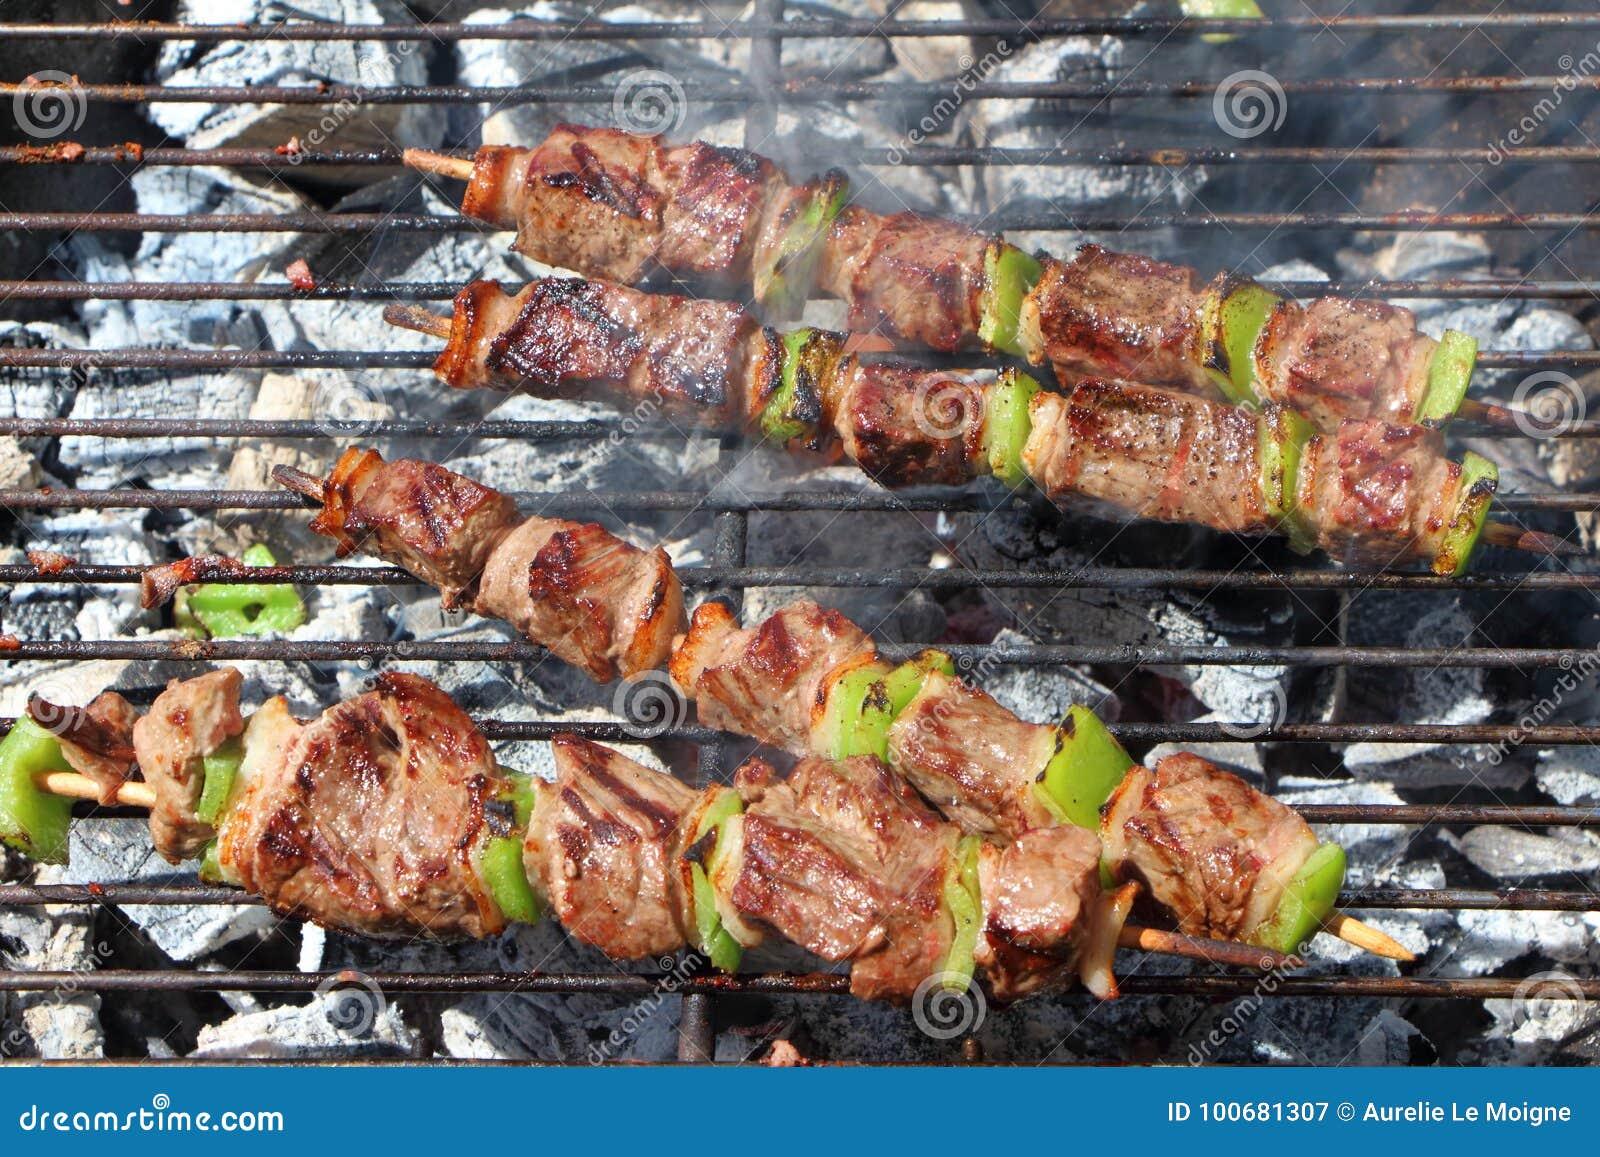 Brochette de boeuf sur le barbecue